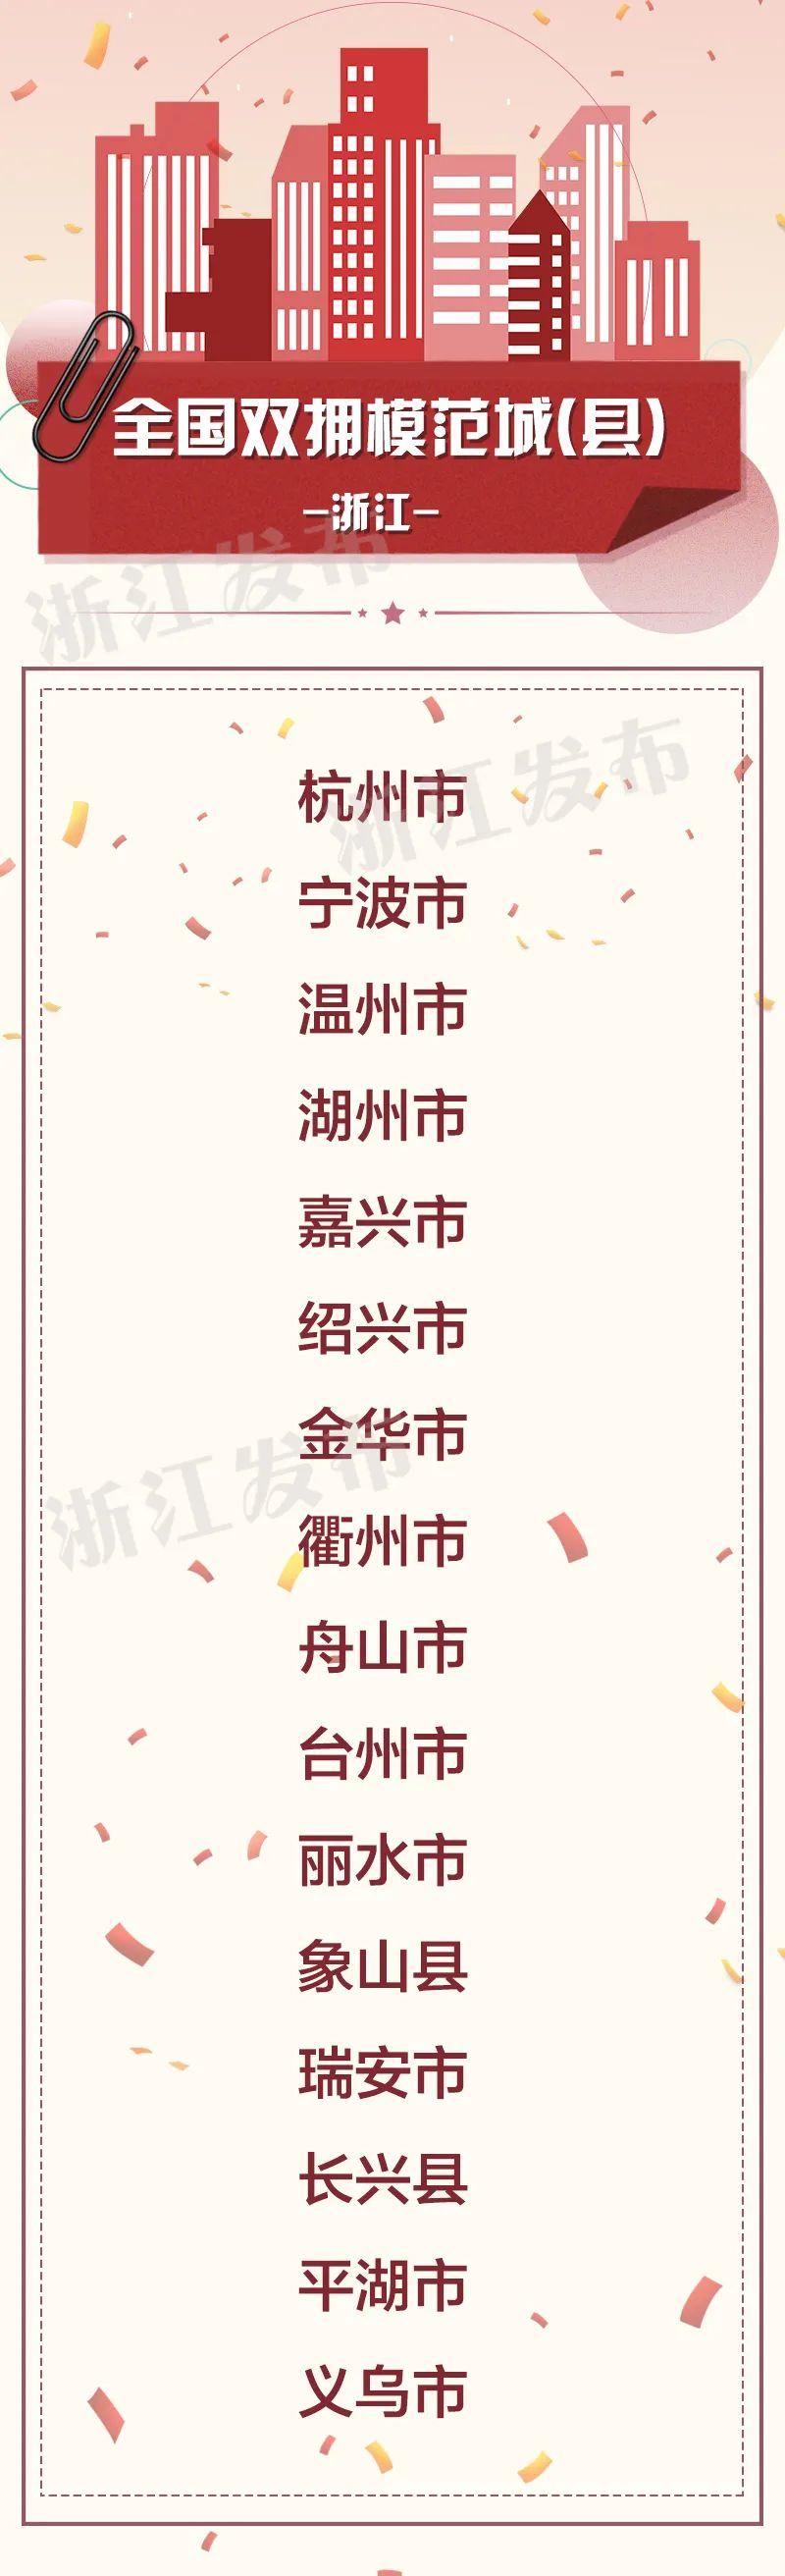 赞!浙江16市县、3单位、3个人获国家表彰图片